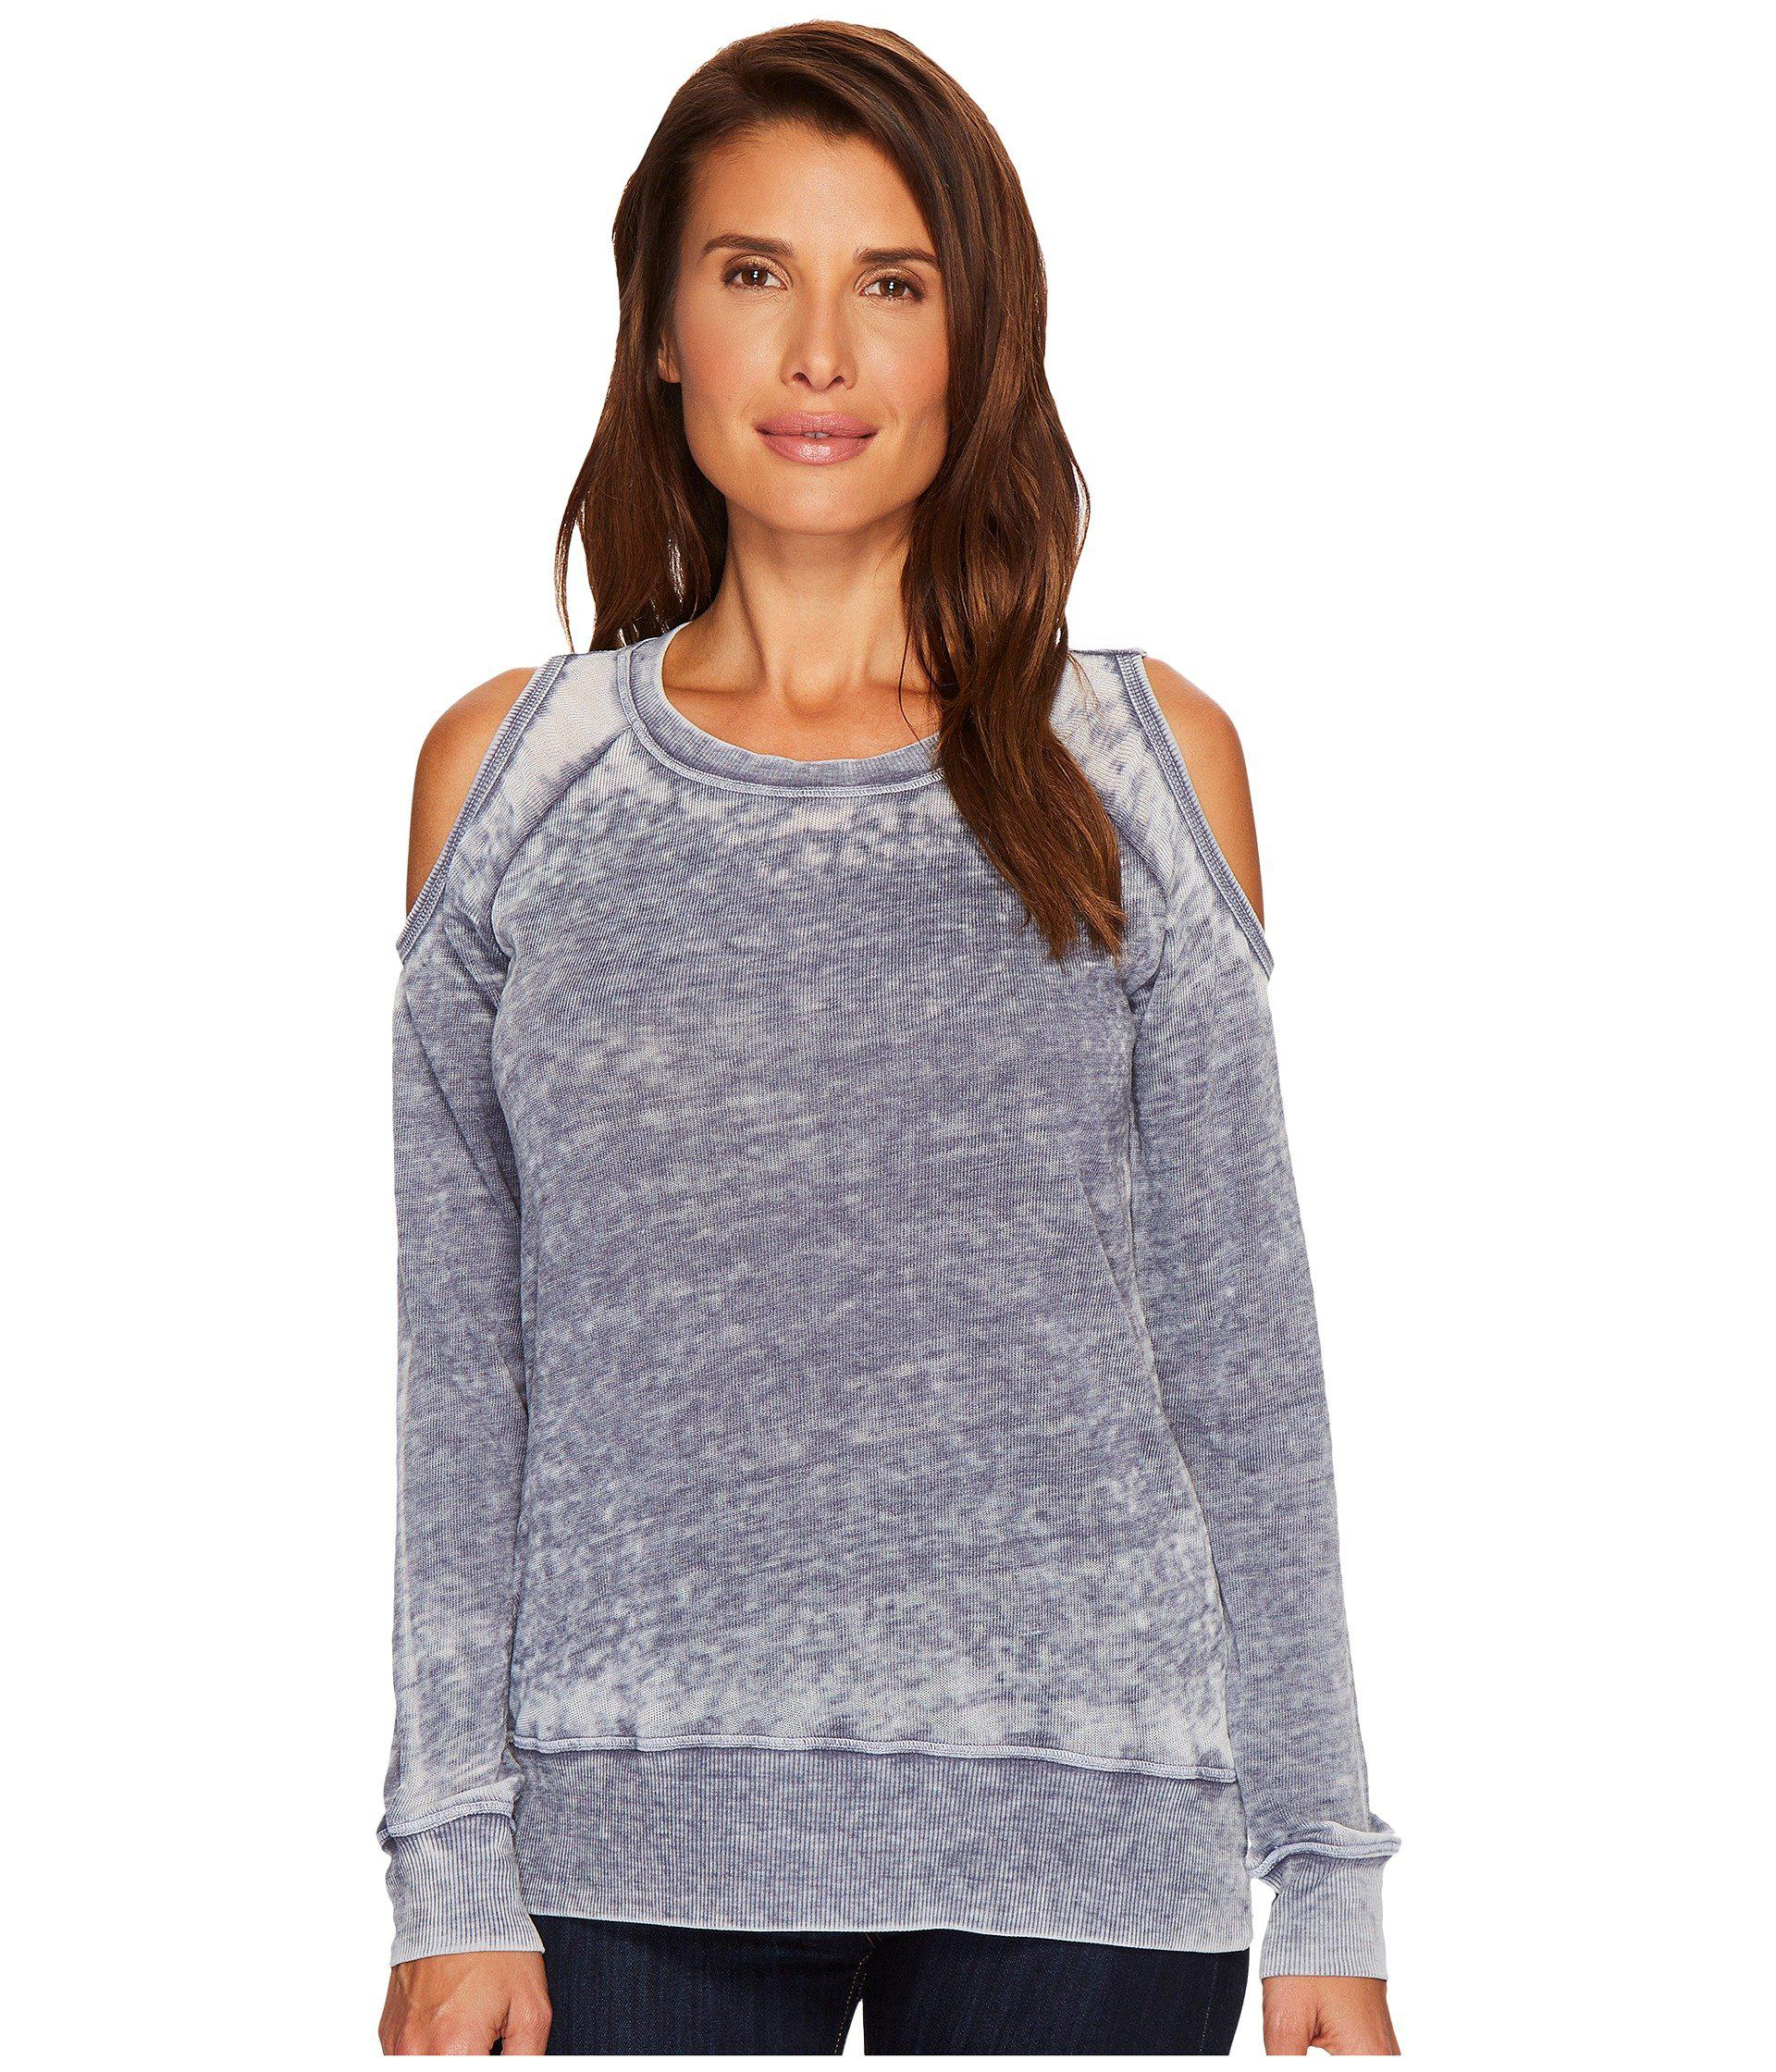 ad8becdeede431 Allen Allen. Women s Sweater Cold Shoulder Top